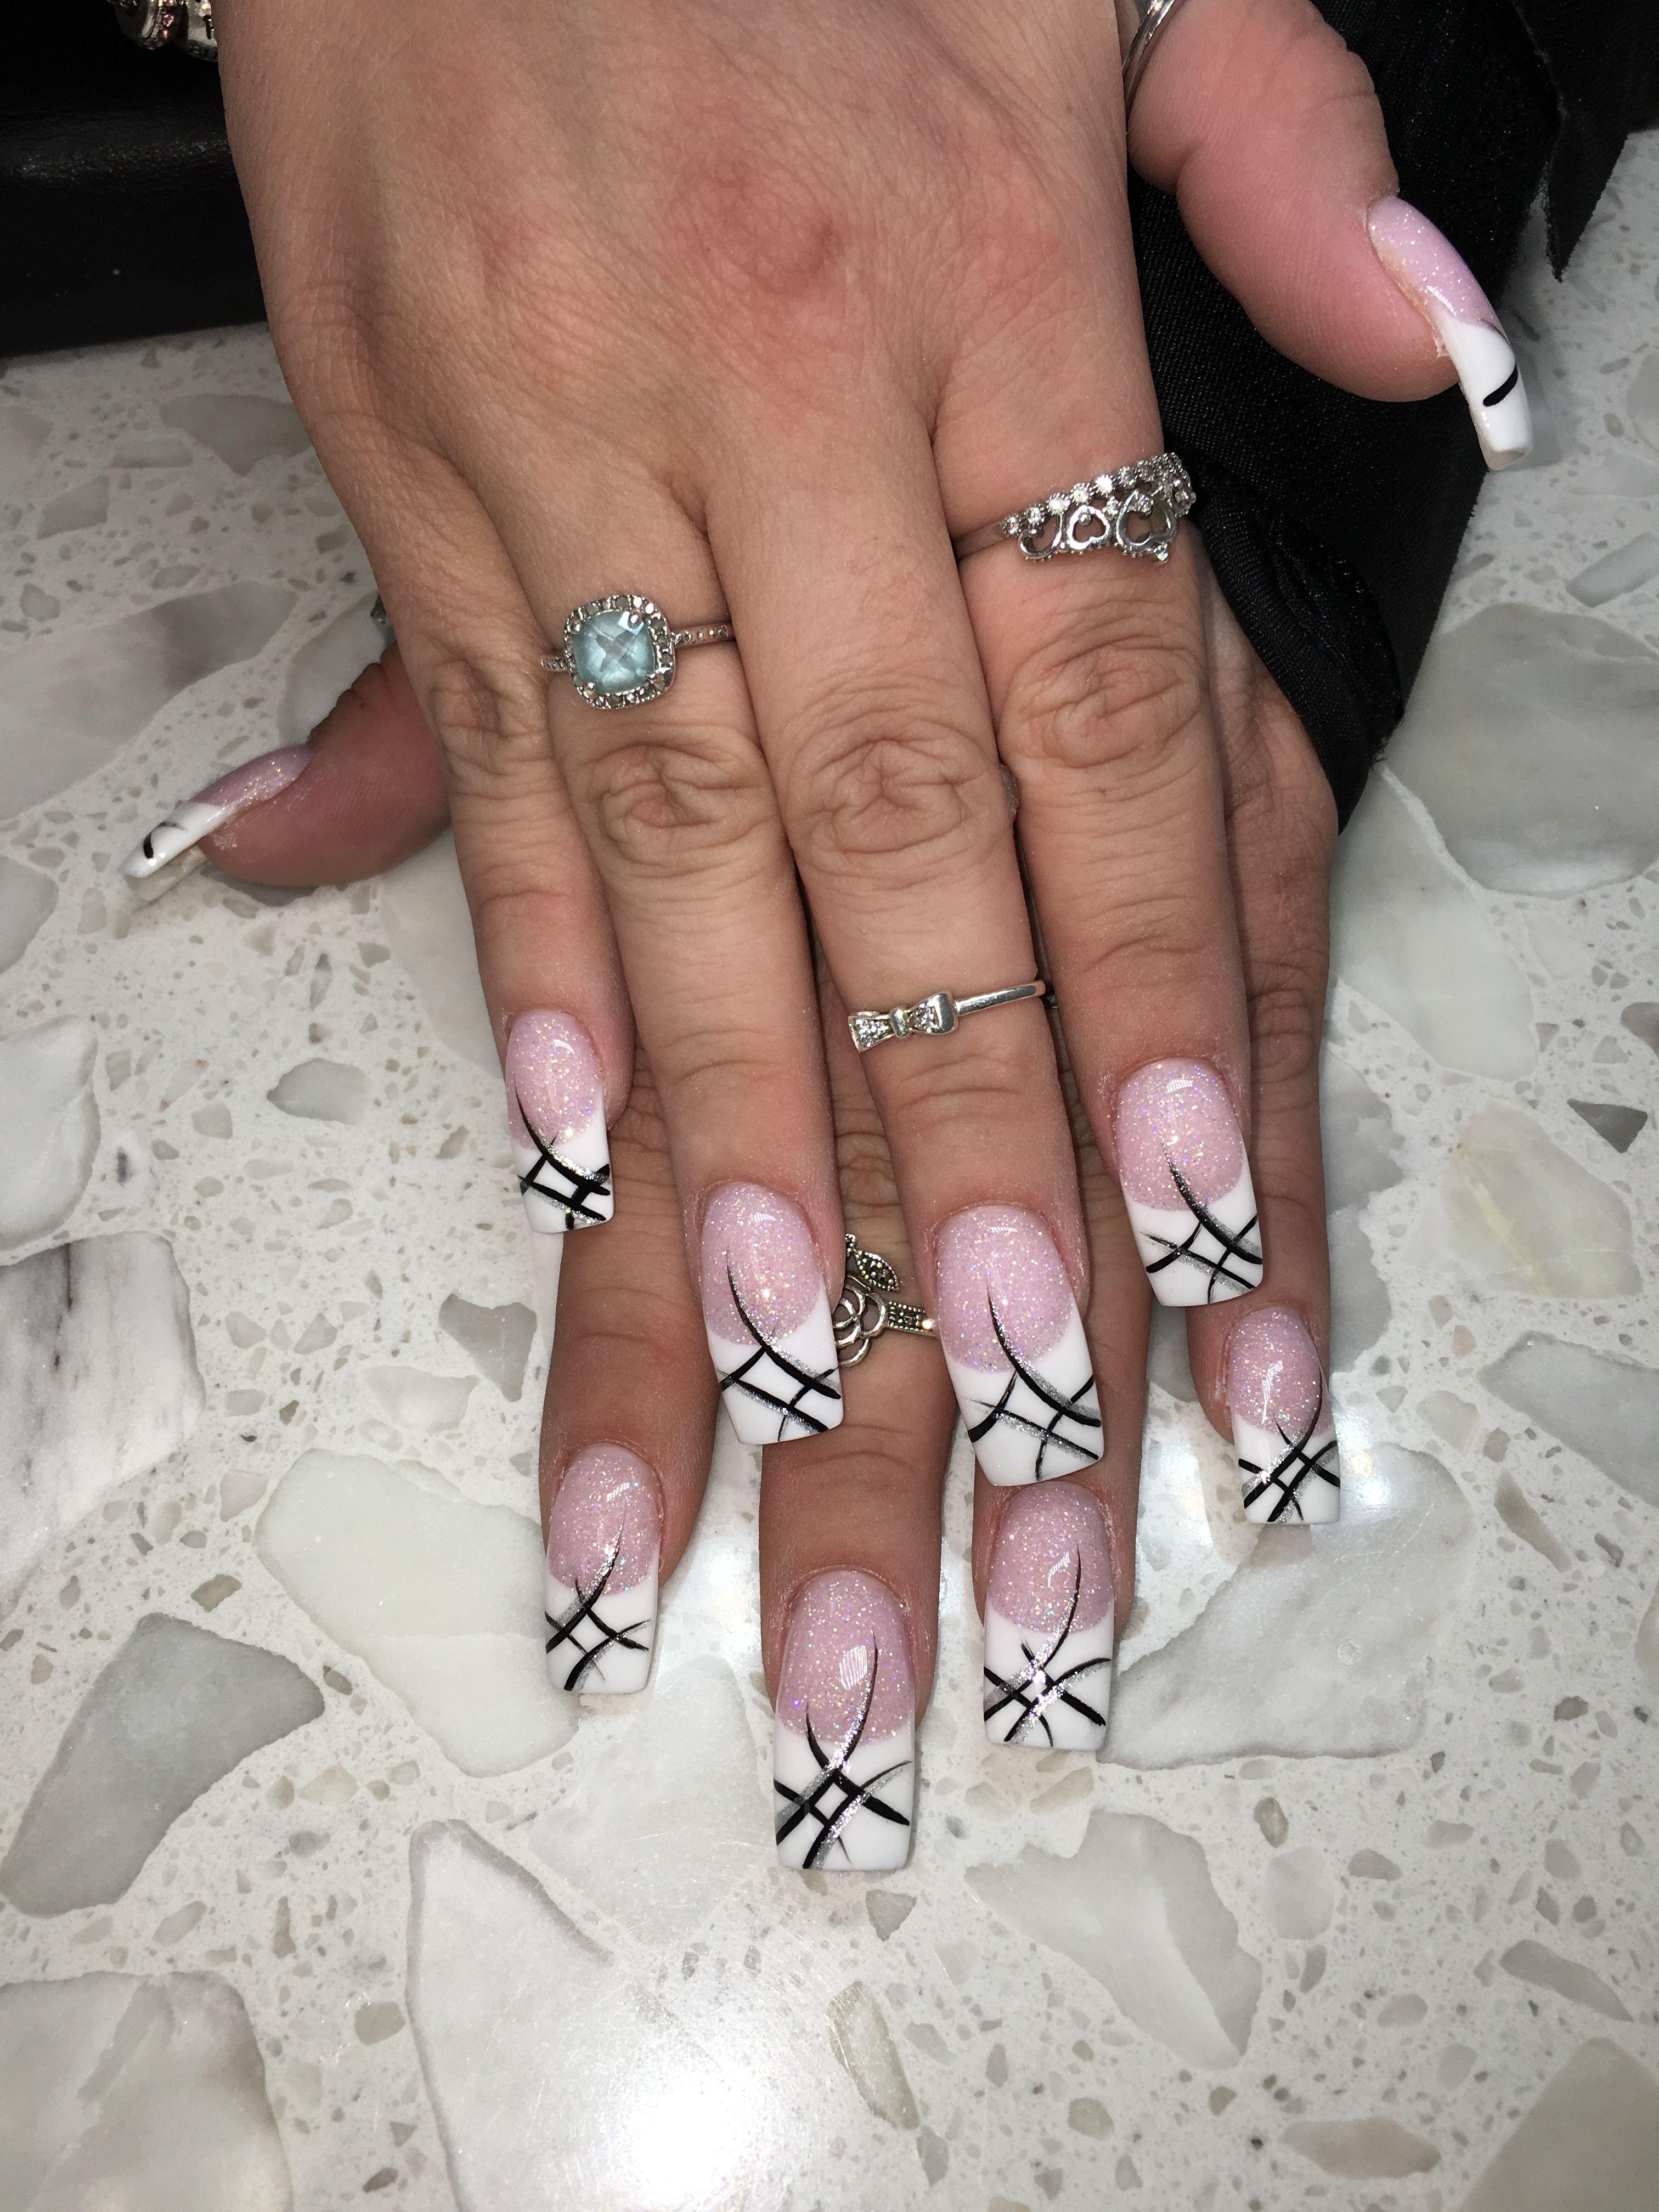 Pink and white nail design nail art anc glitter black white nails pink and white nail design nail art anc glitter black white nails prinsesfo Images